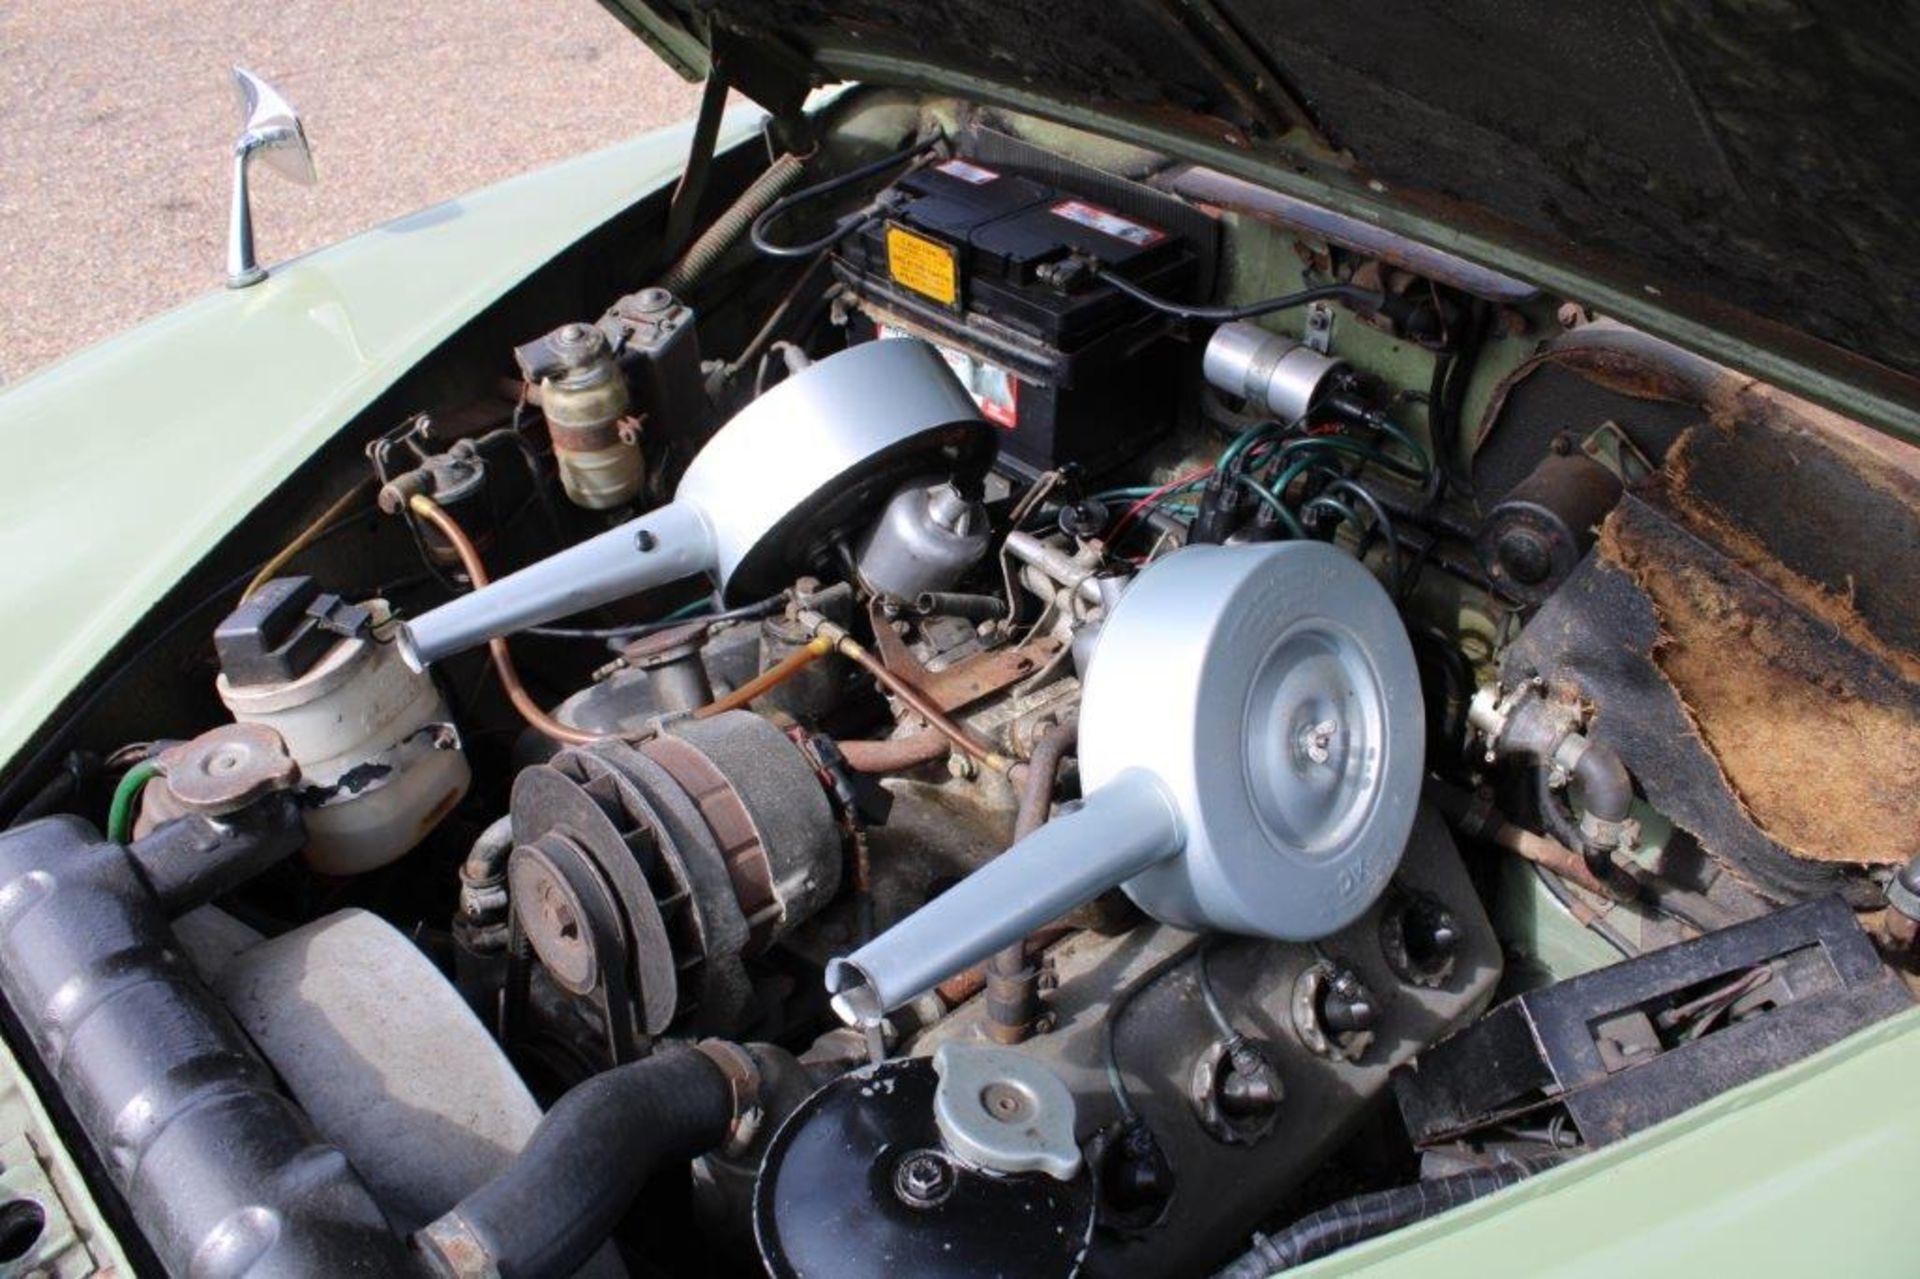 1968 Daimler V8 250 Auto - Image 19 of 30